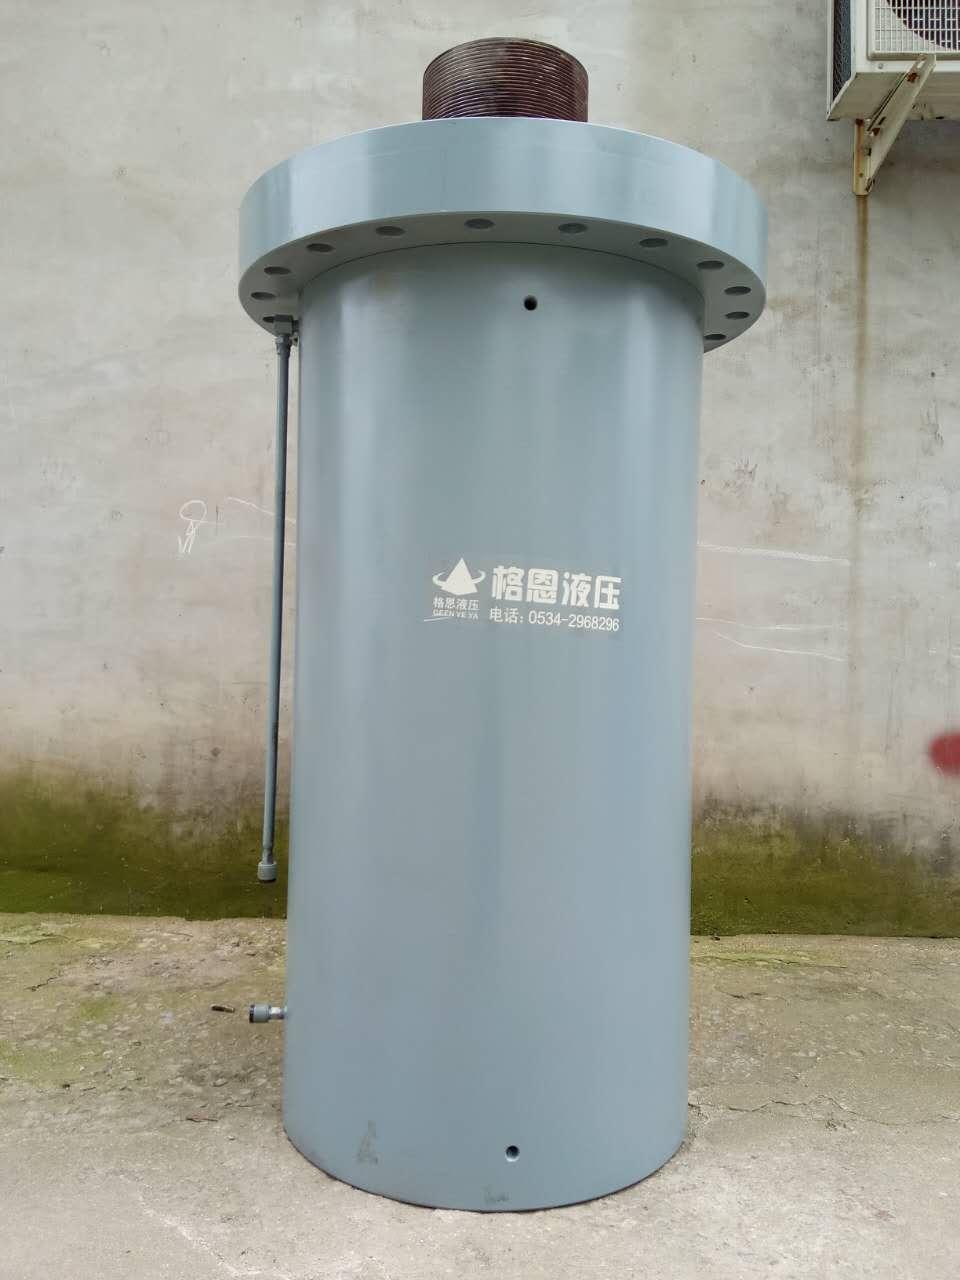 800吨液压千斤顶,800吨电动千斤顶,800吨千斤顶,800吨千斤顶价格